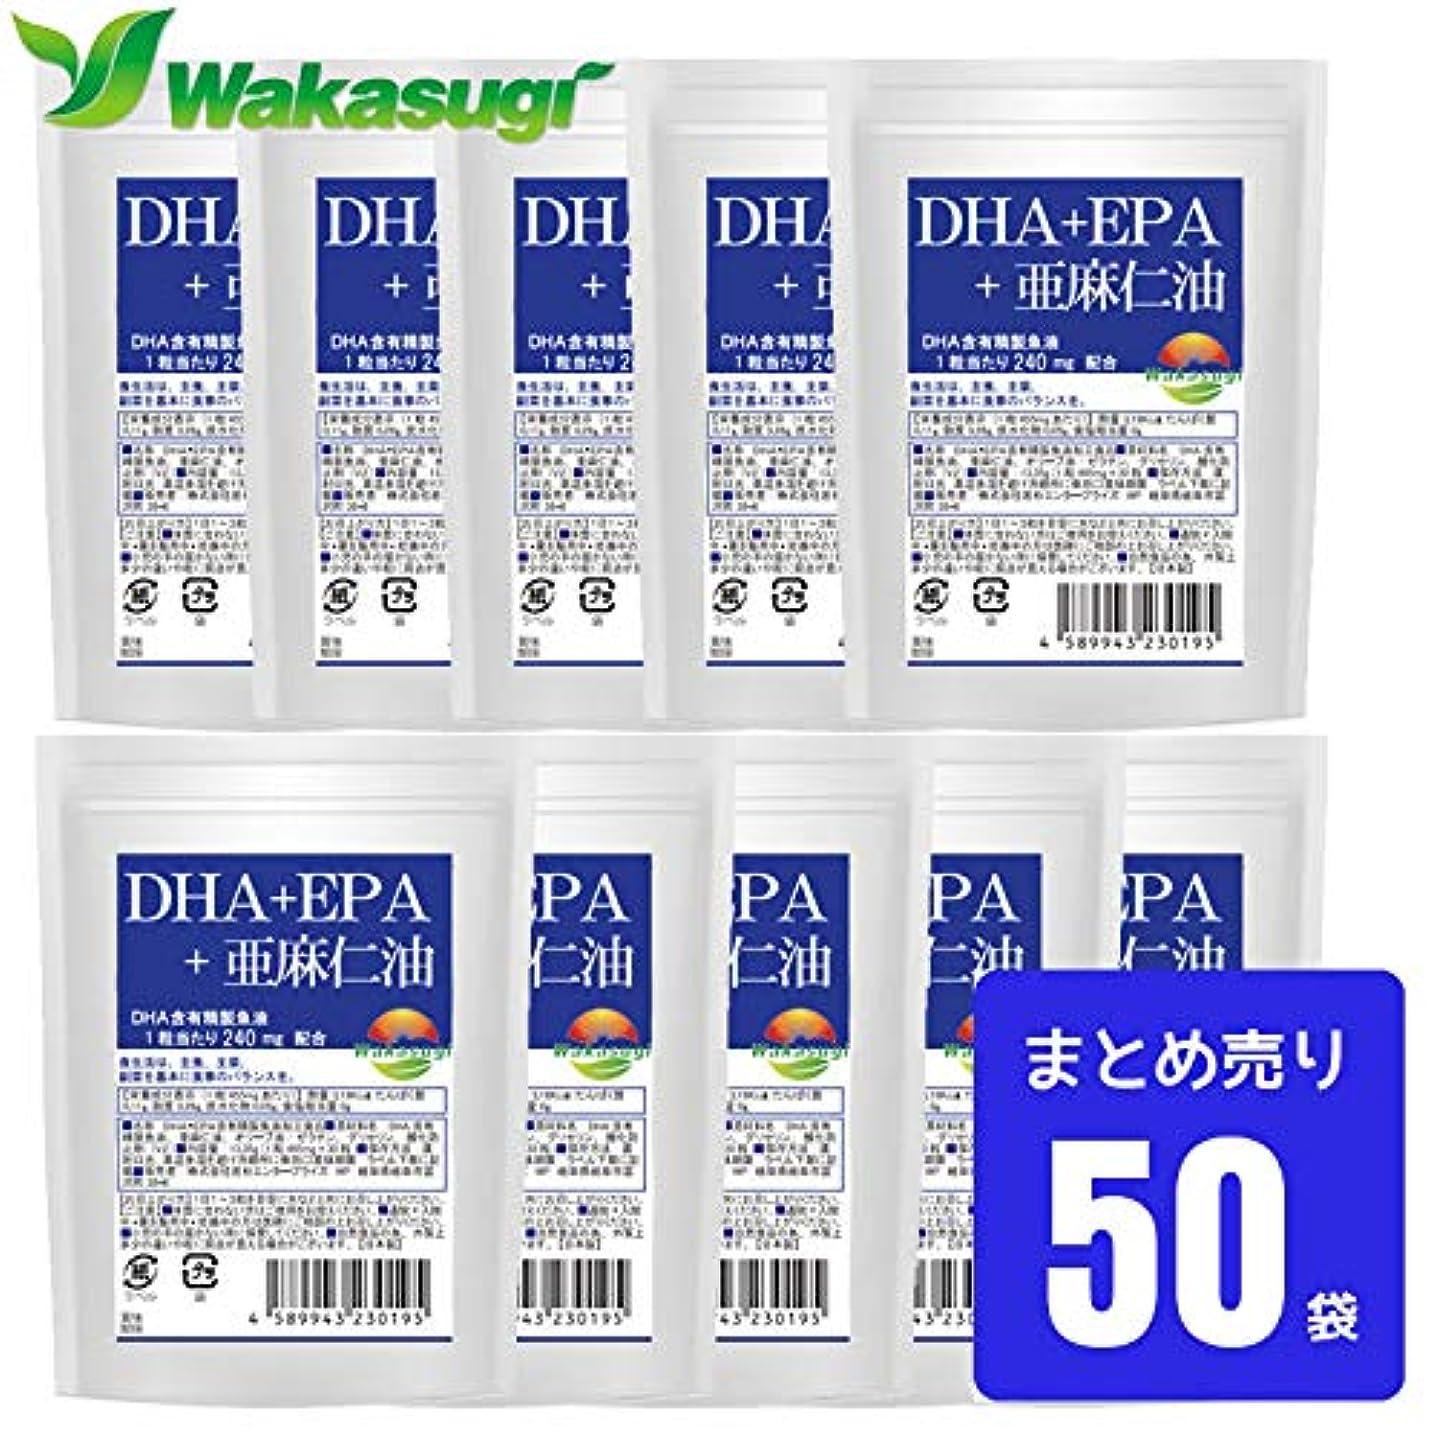 ペデスタルほこりっぽい奇跡的なDHA+EPA+亜麻仁油 ソフトカプセル30粒 50袋 合計1,500粒 まとめ売り